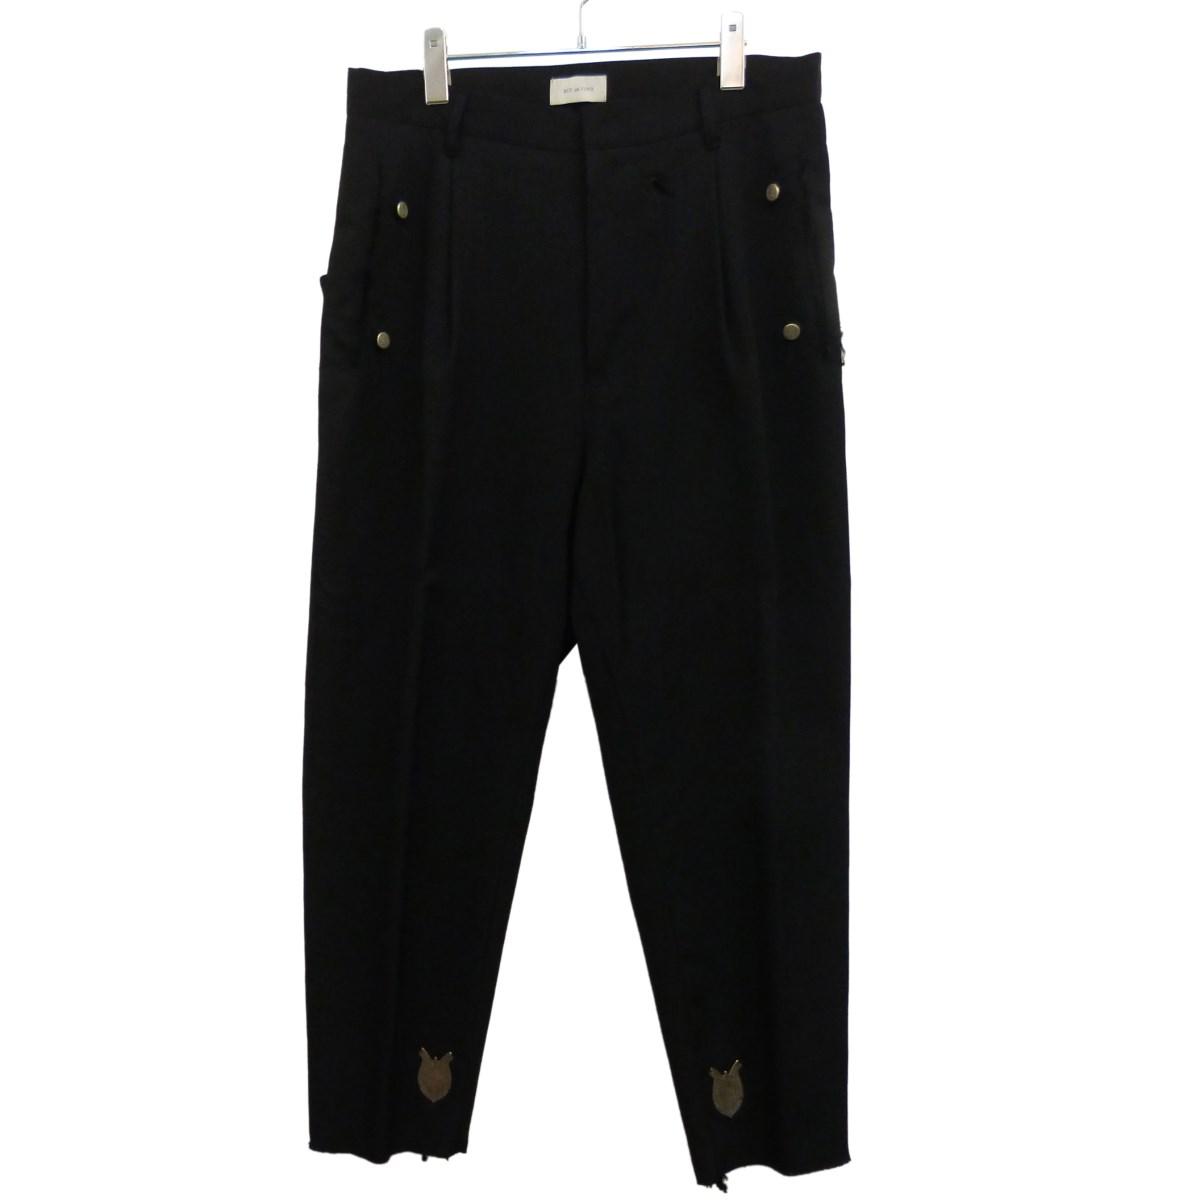 【中古】BED J.W. FORD 19SS「Basic Pants」ワイドスラックス ブラック サイズ:2 【250220】(ベッドフォード)